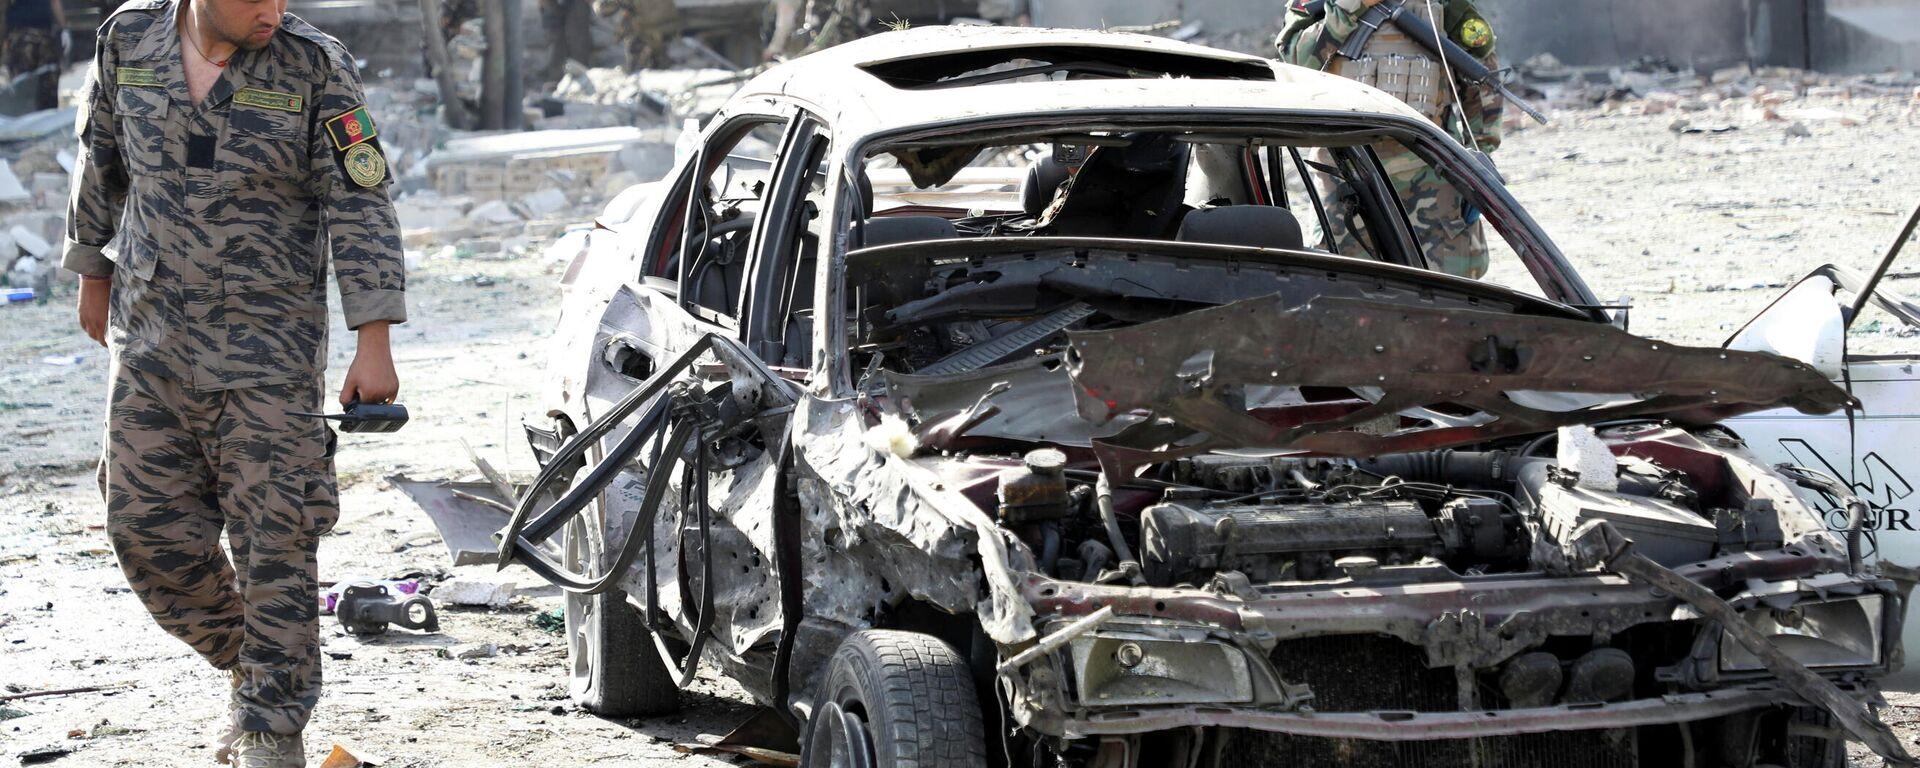 Солдат Афганской национальной армии (АНА) за месте ночного взрыва заминированного автомобиля в Кабуле, Афганистан 4 августа 2021 года - Sputnik Узбекистан, 1920, 04.08.2021